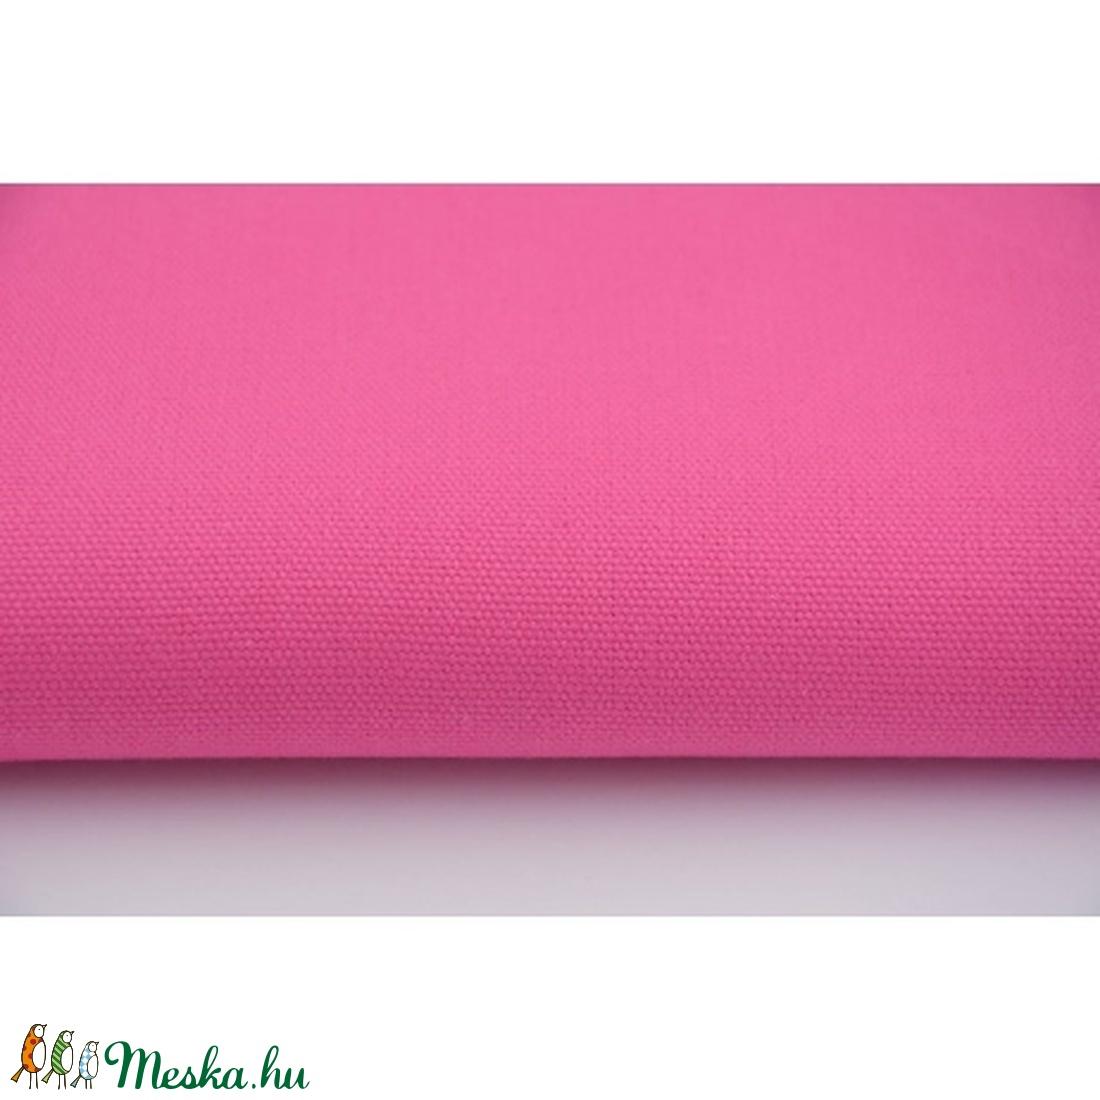 Pink színű vastagabb vászon anyag - sötétebb rózsaszín vászon - home decor lakástextil (OdorsHome) - Meska.hu